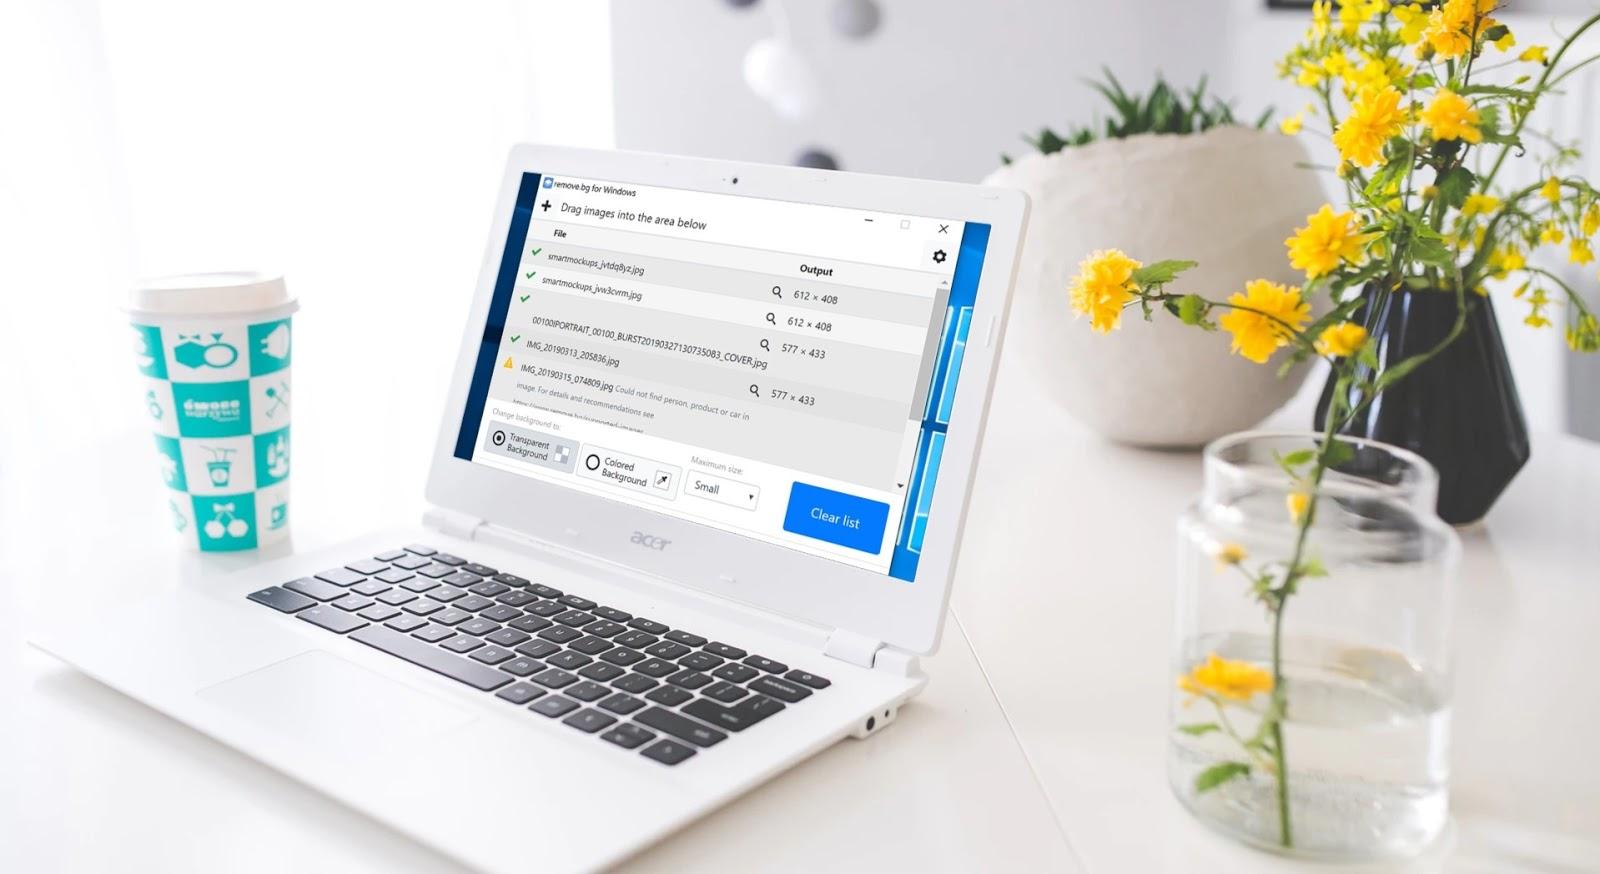 Remove.bg 大量圖片一鍵去背桌面軟體,每月免費50張去背圖